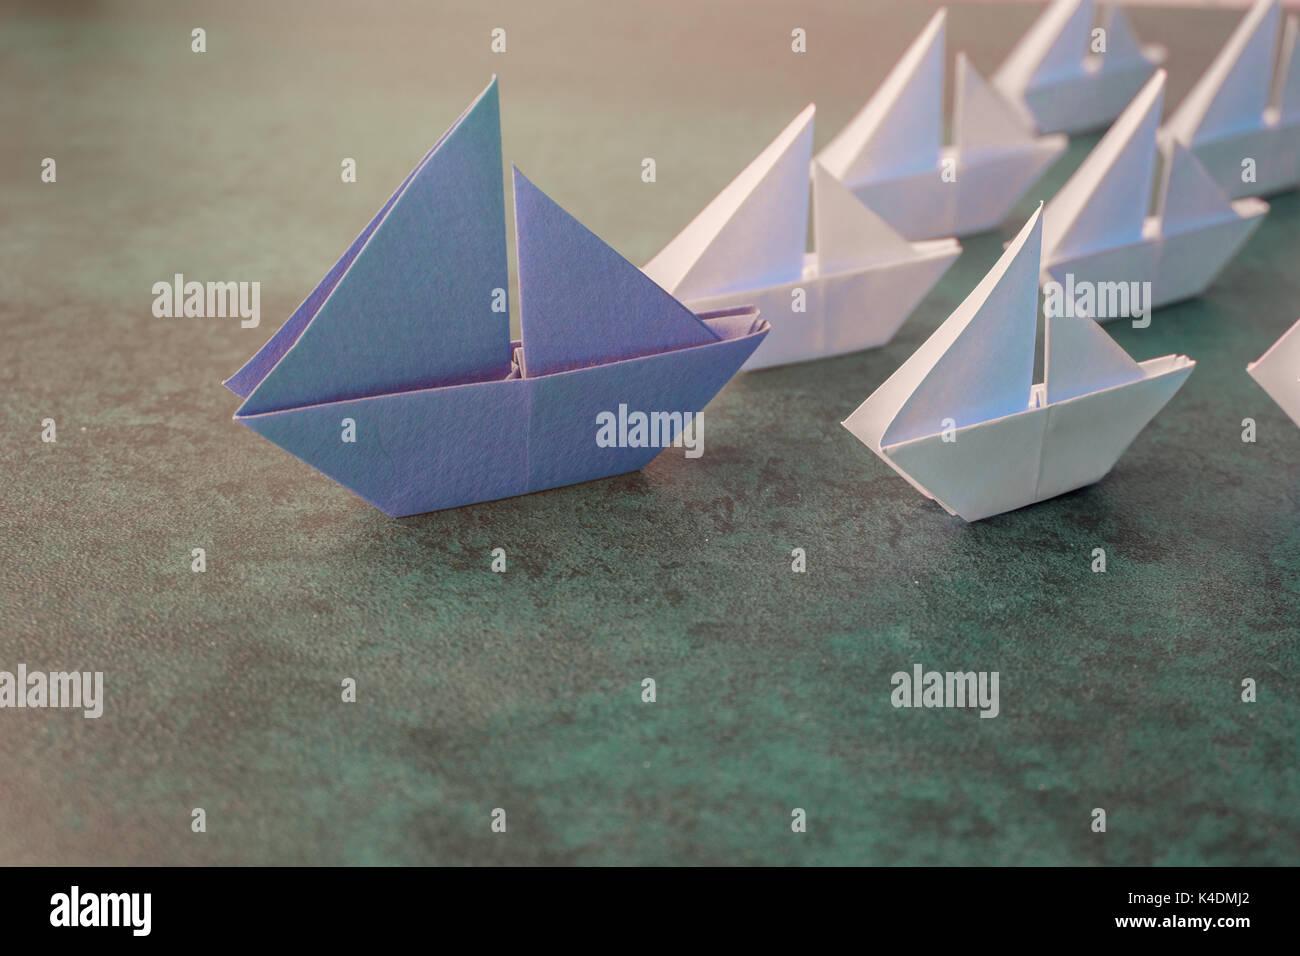 Carta Origami velieri, leadership concetto aziendale, tonificante Immagini Stock